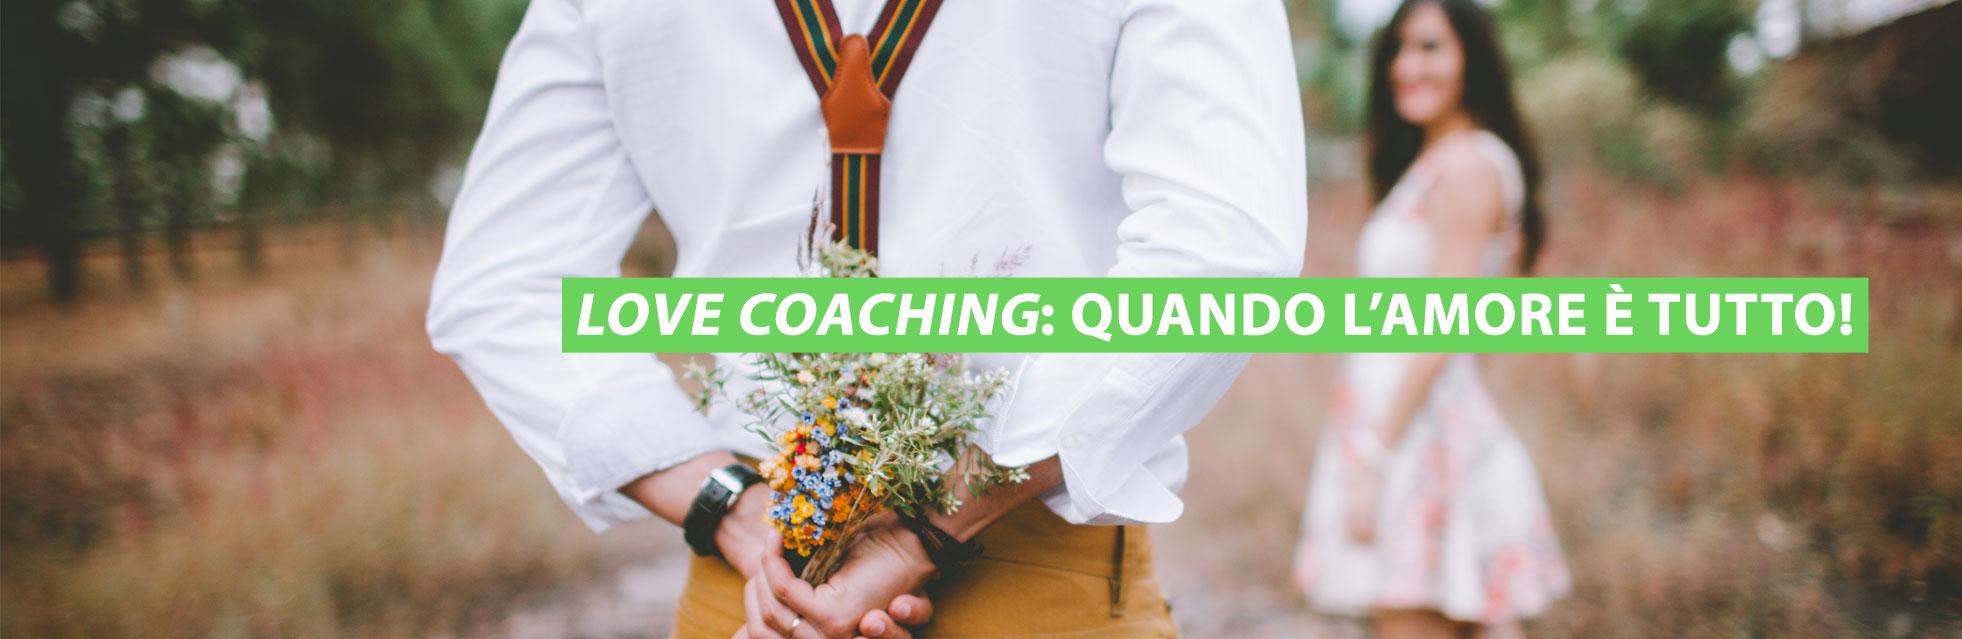 slider-love-coaching